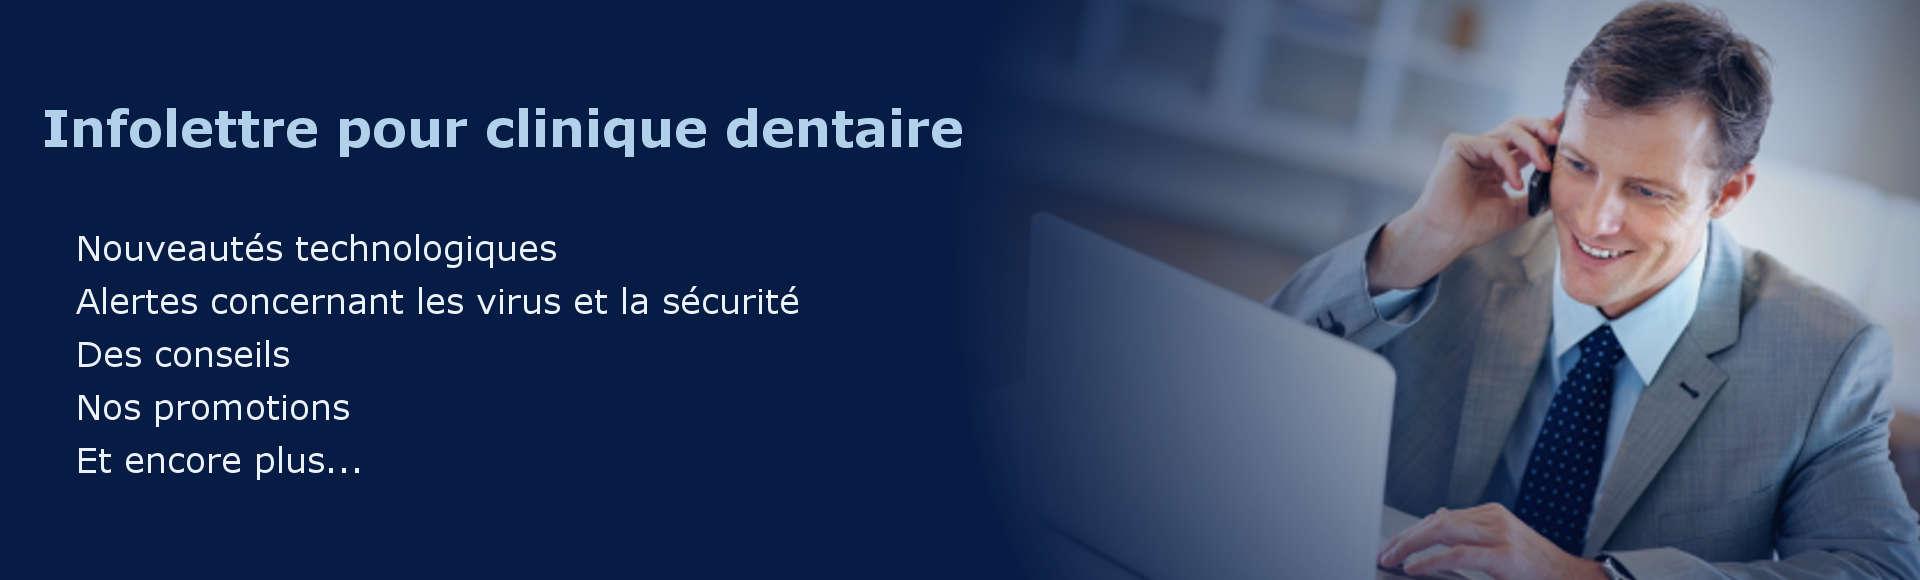 Infolettre pour cliniques dentaires